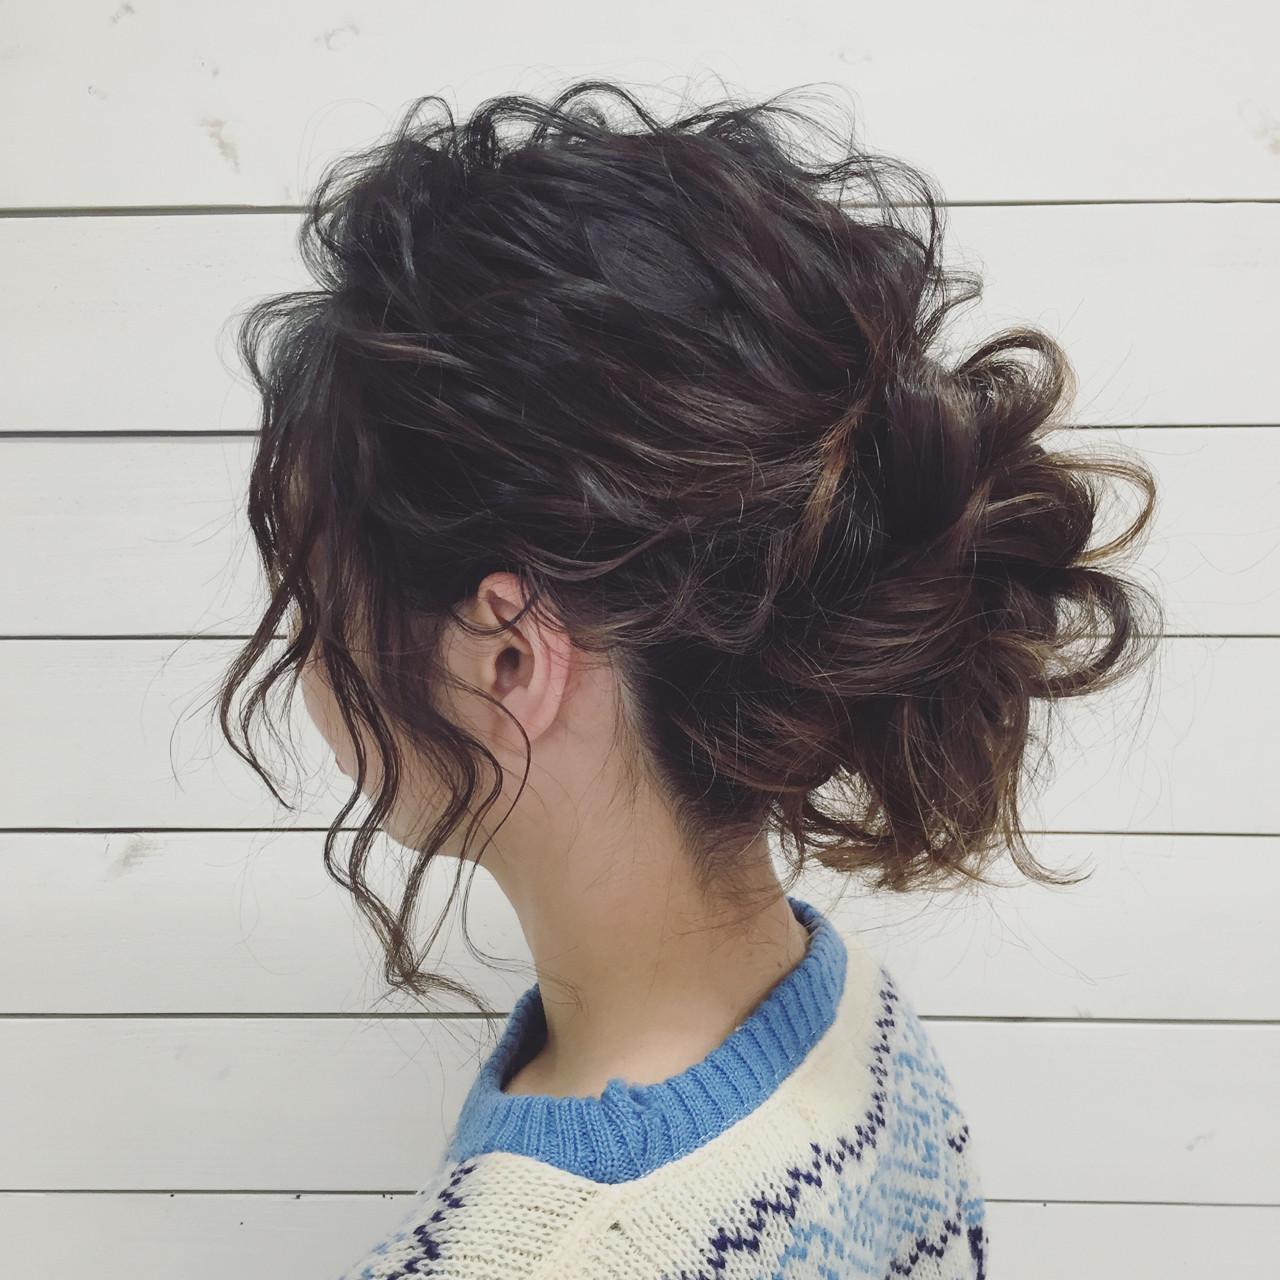 ヘアアレンジ アップスタイル ルーズ 外国人風 ヘアスタイルや髪型の写真・画像 | nokura mai / Grandir